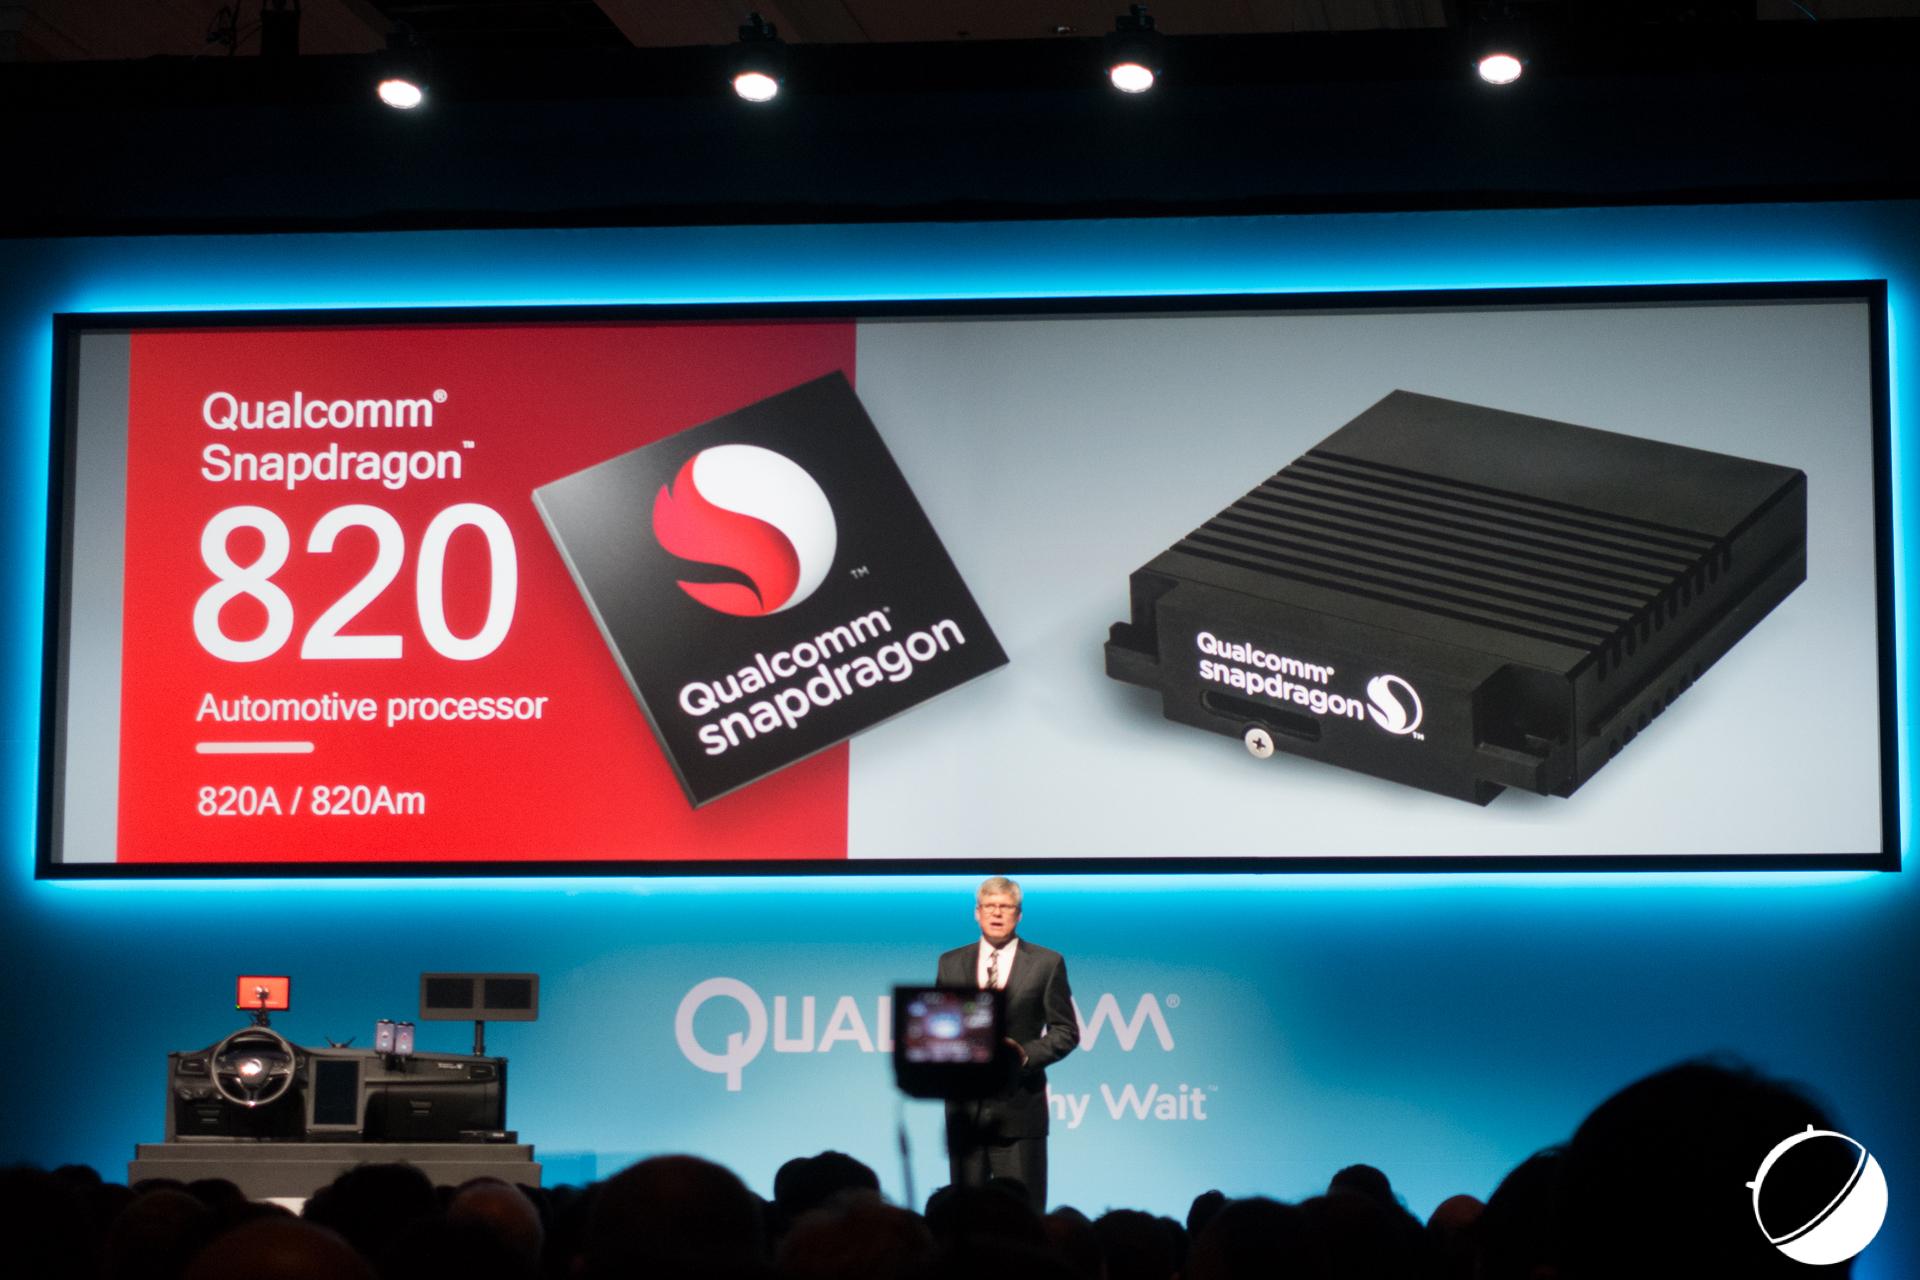 Qualcomm a vendu plus de Snapdragon que prévu au deuxième trimestre 2016